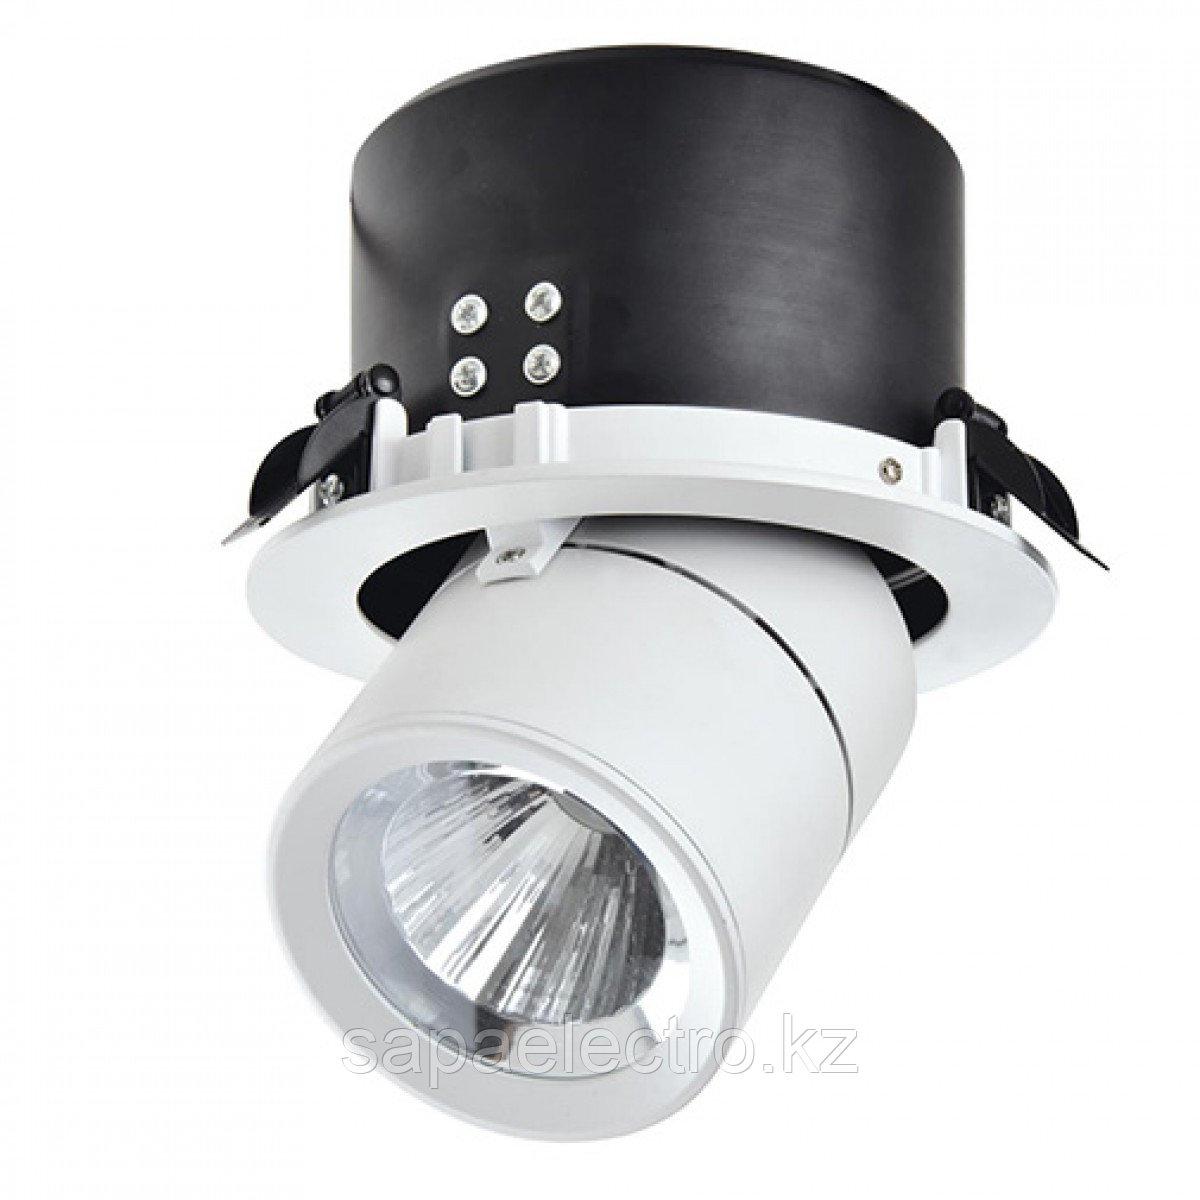 Свет-к DOWNLIGHT LED DK881 30W WHITE 5700K(TS)20шт